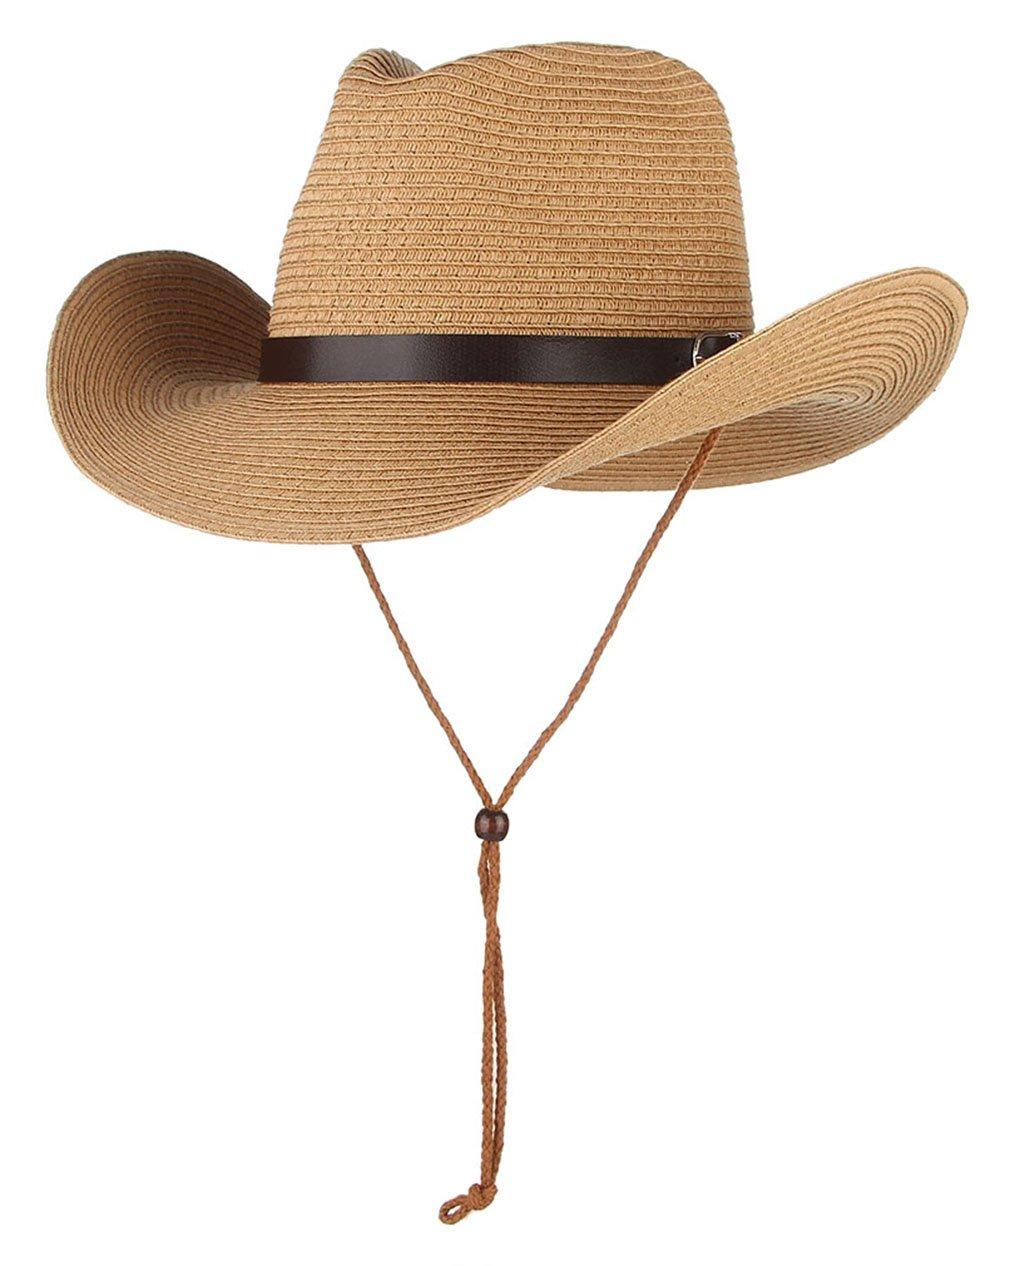 Gemvie Cowboy Hat Western Style Fedora Straw Hat Sun Hat with Chin Strap